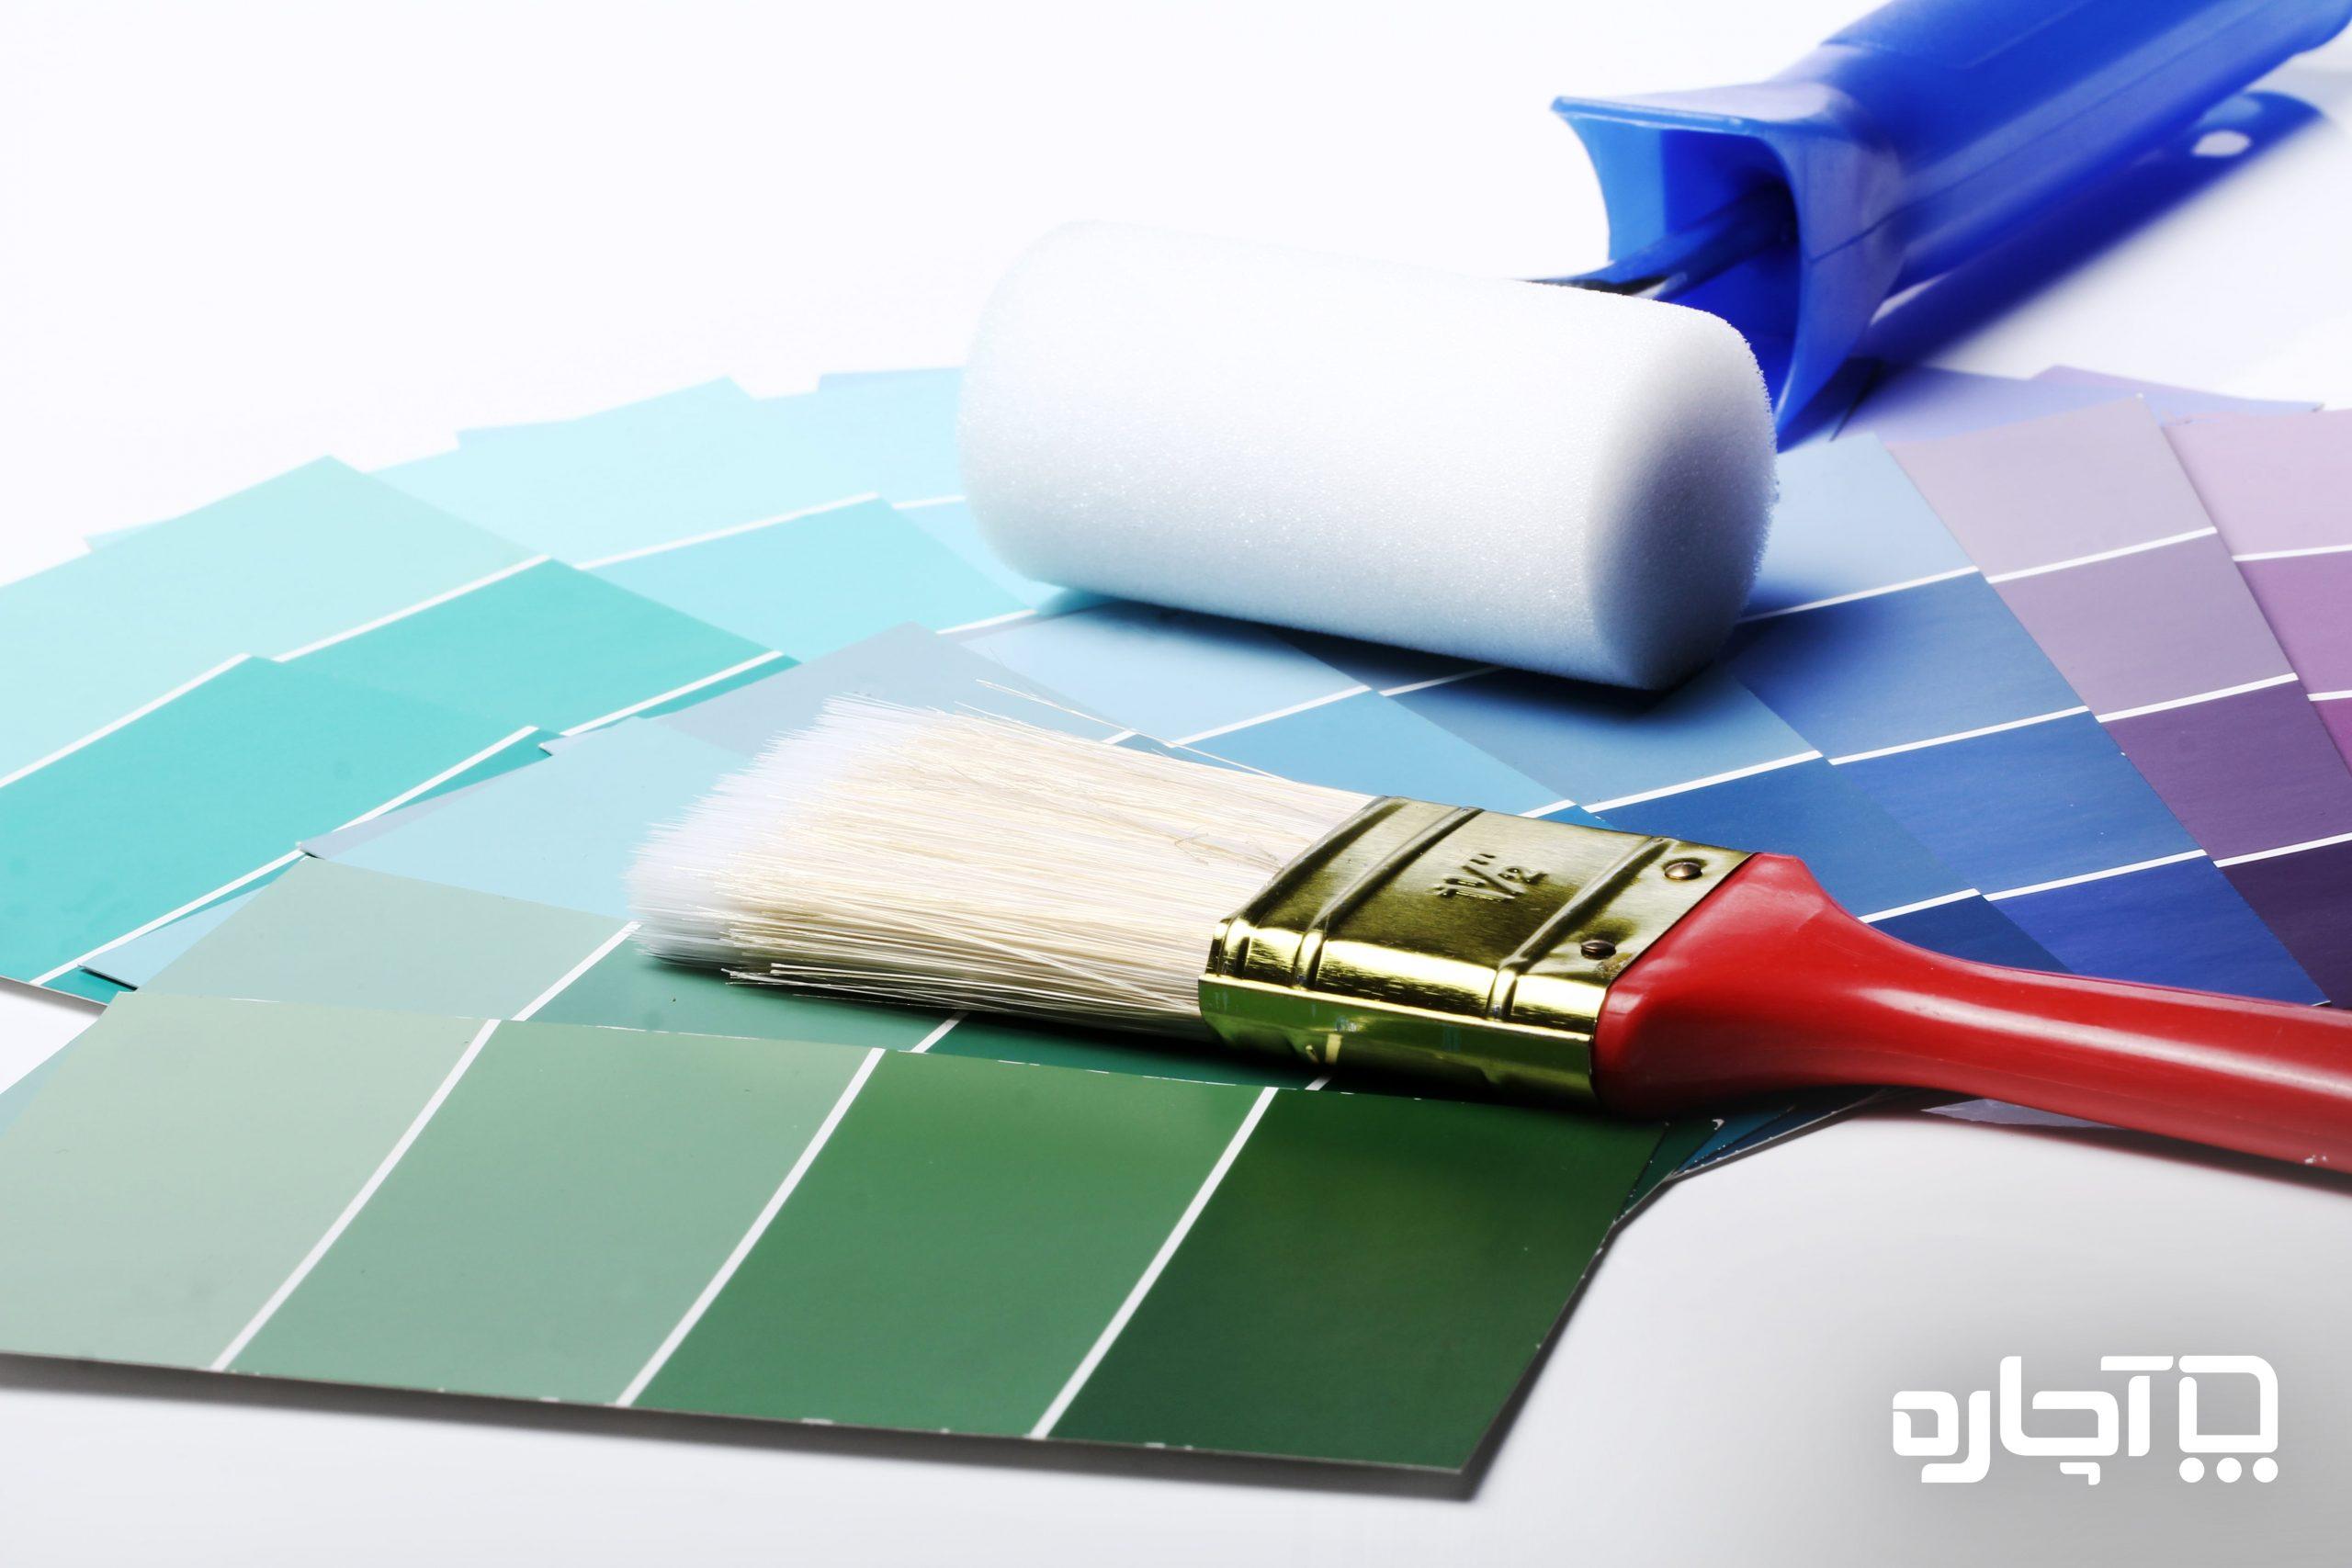 رنگ برای نقاشی دیوار